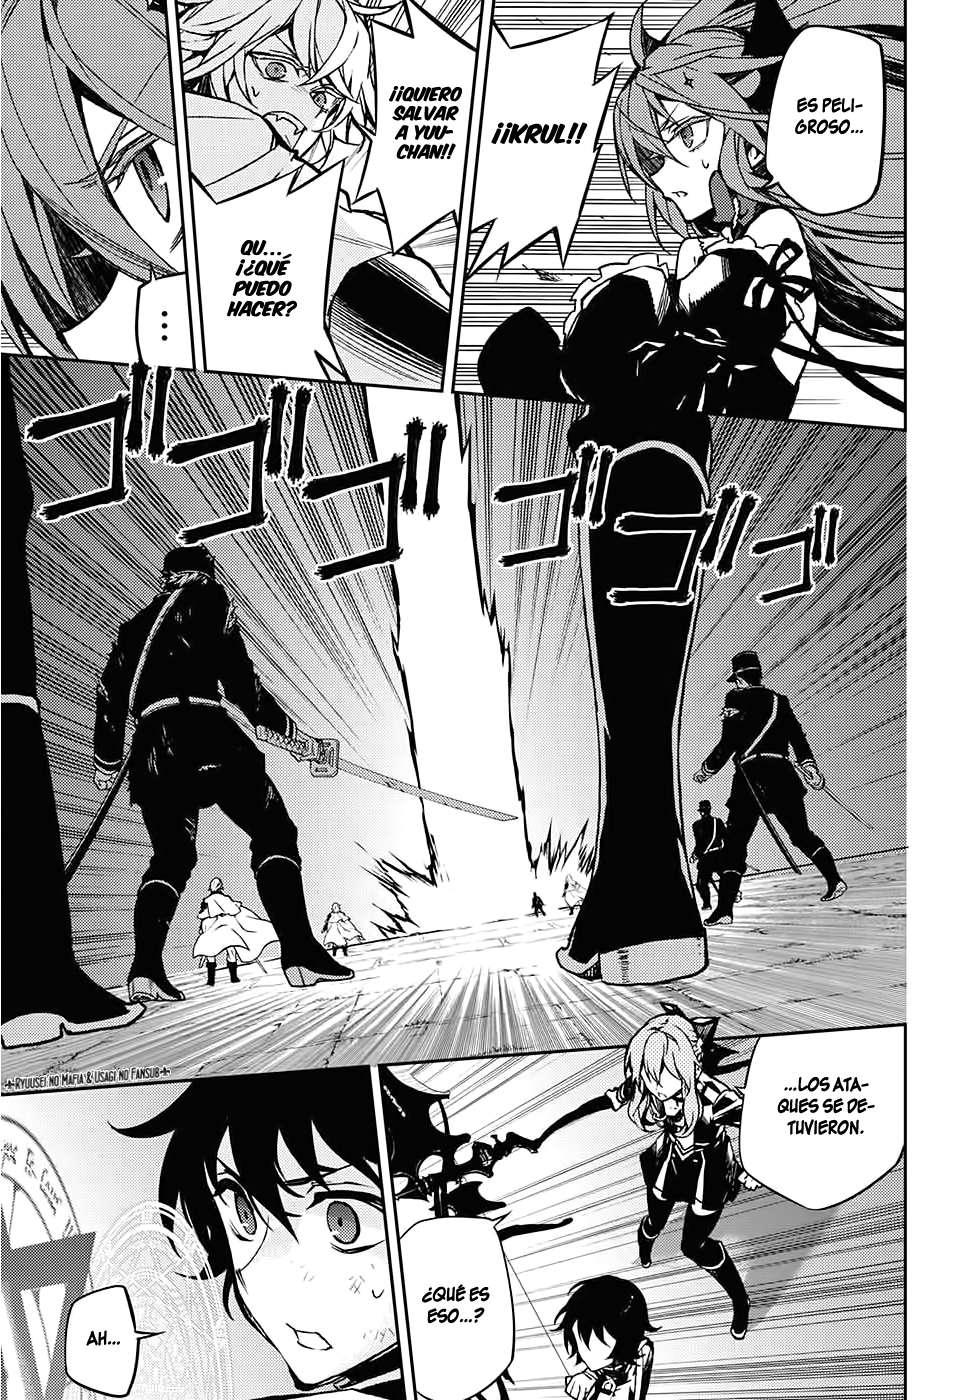 http://c5.ninemanga.com/es_manga/49/3057/436890/2b98432e352ff74569b81099dd5ee246.jpg Page 5